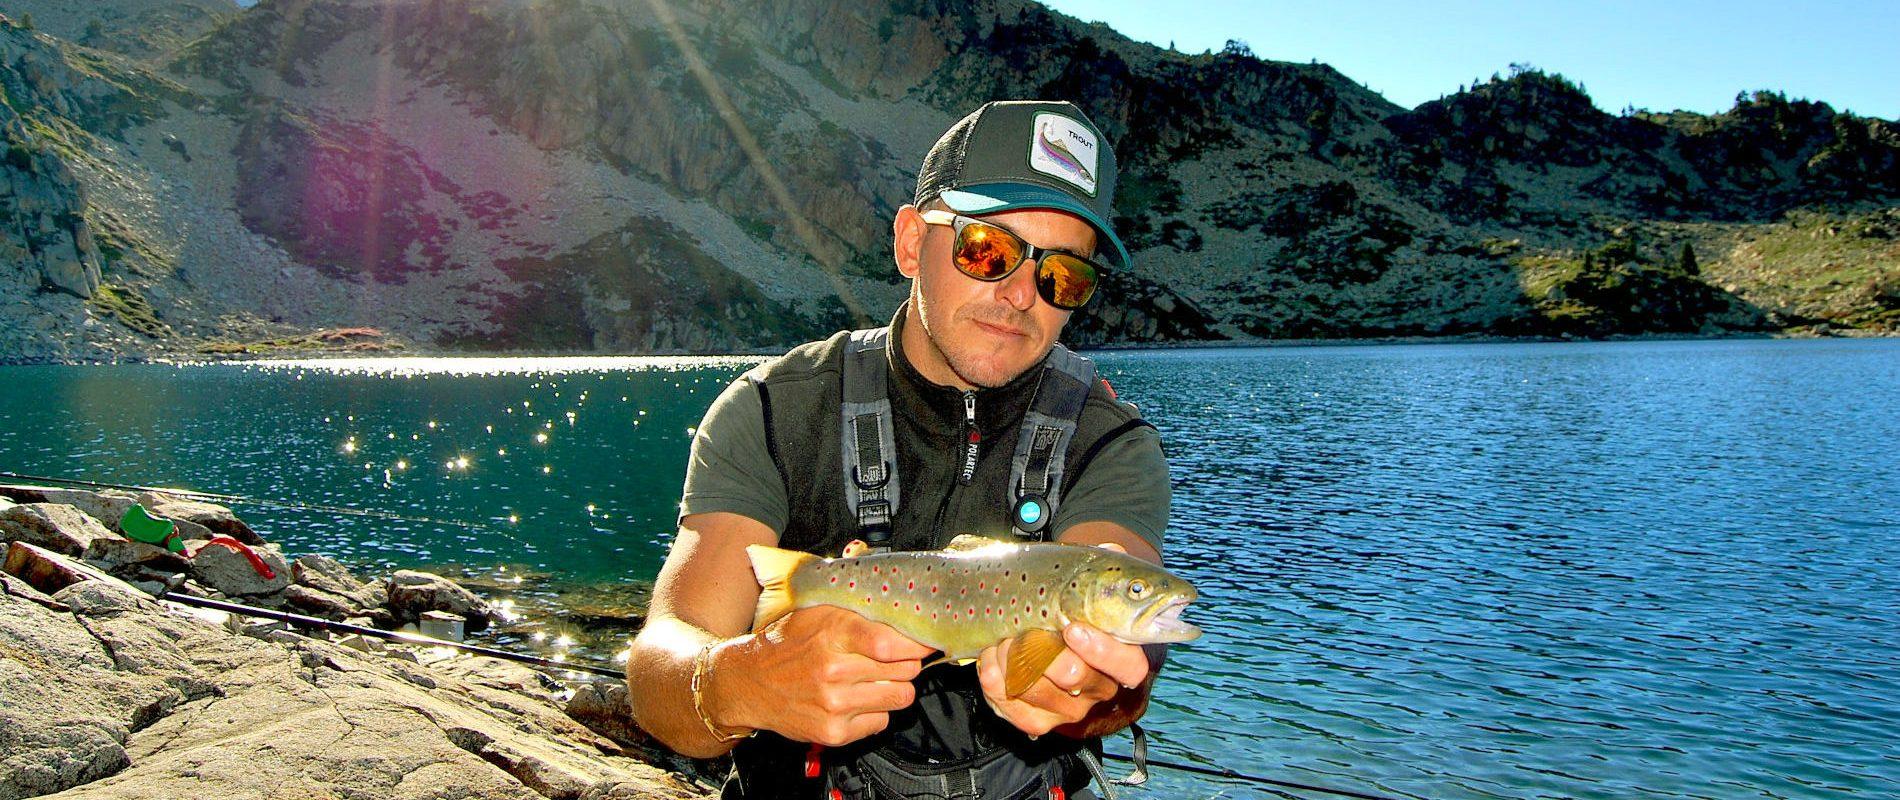 Pêche Passion Pyrénées, guide de pêche dans les Pyrénées